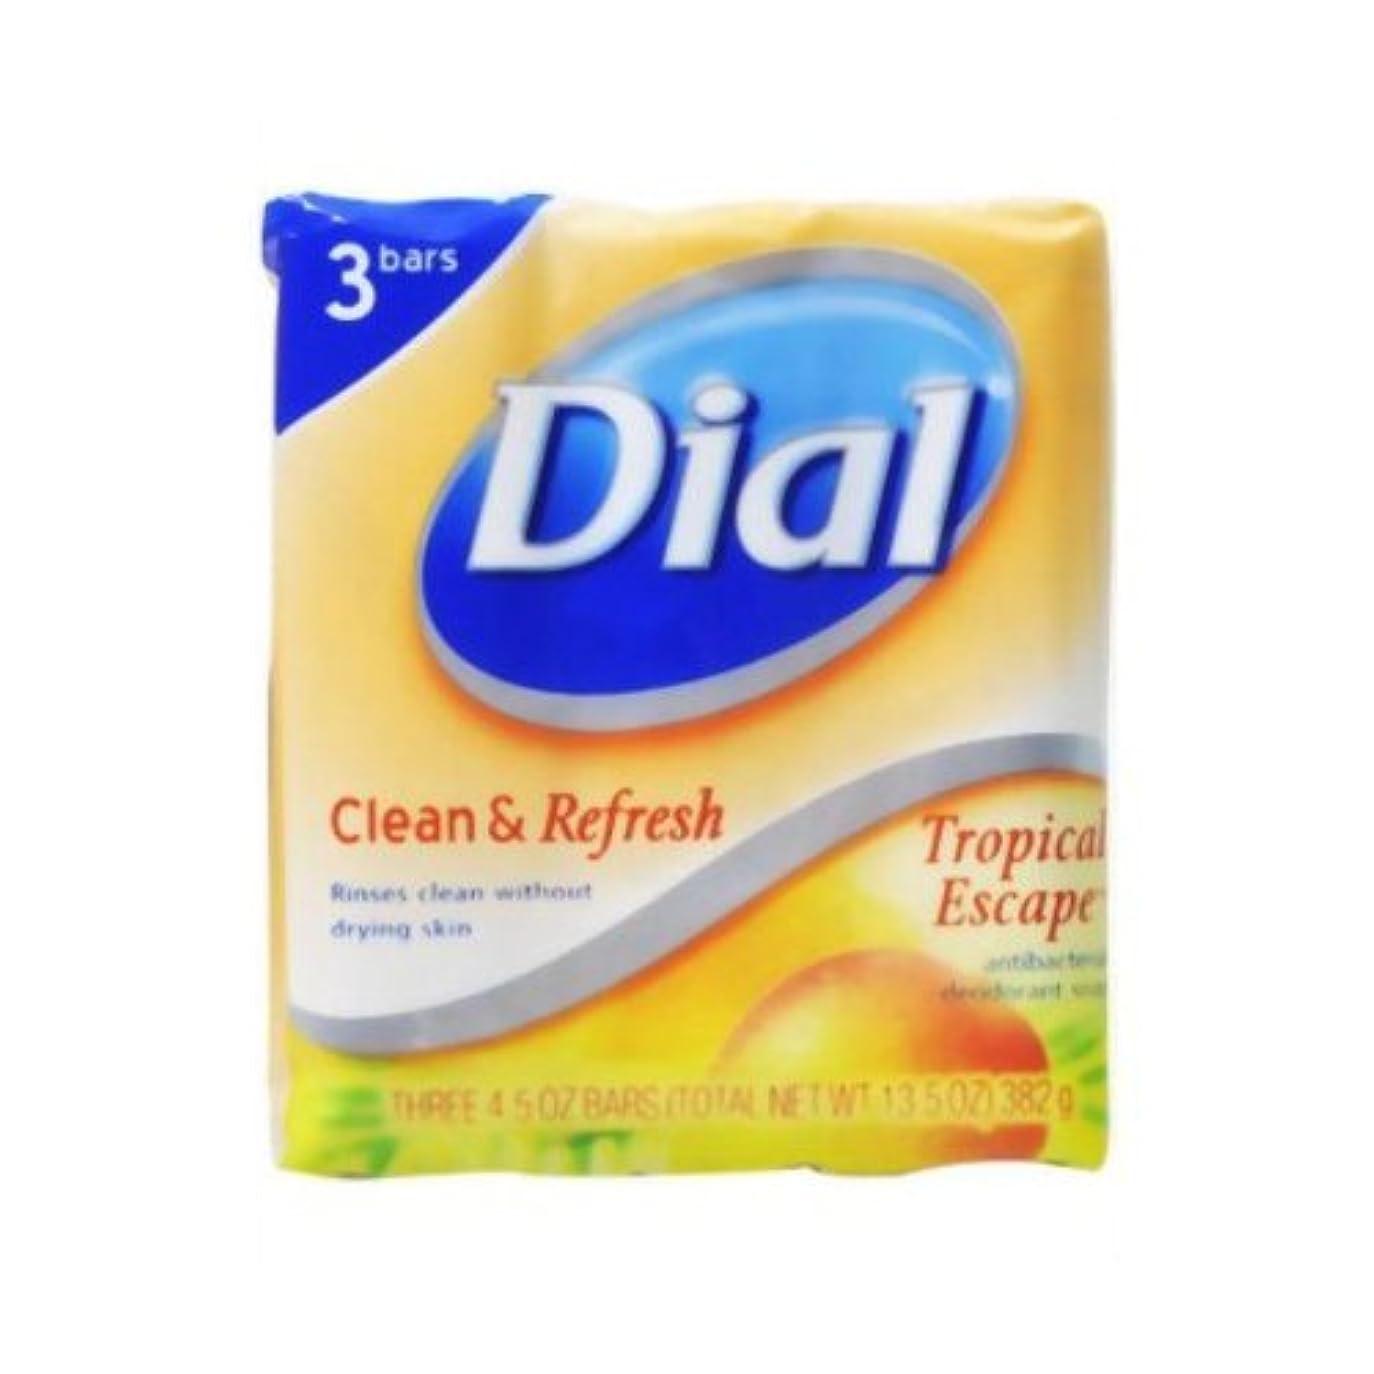 身元冷蔵庫ソーダ水【DIAL】ダイアル デオドラント石鹸 トロピカルエスケープ 3個パック